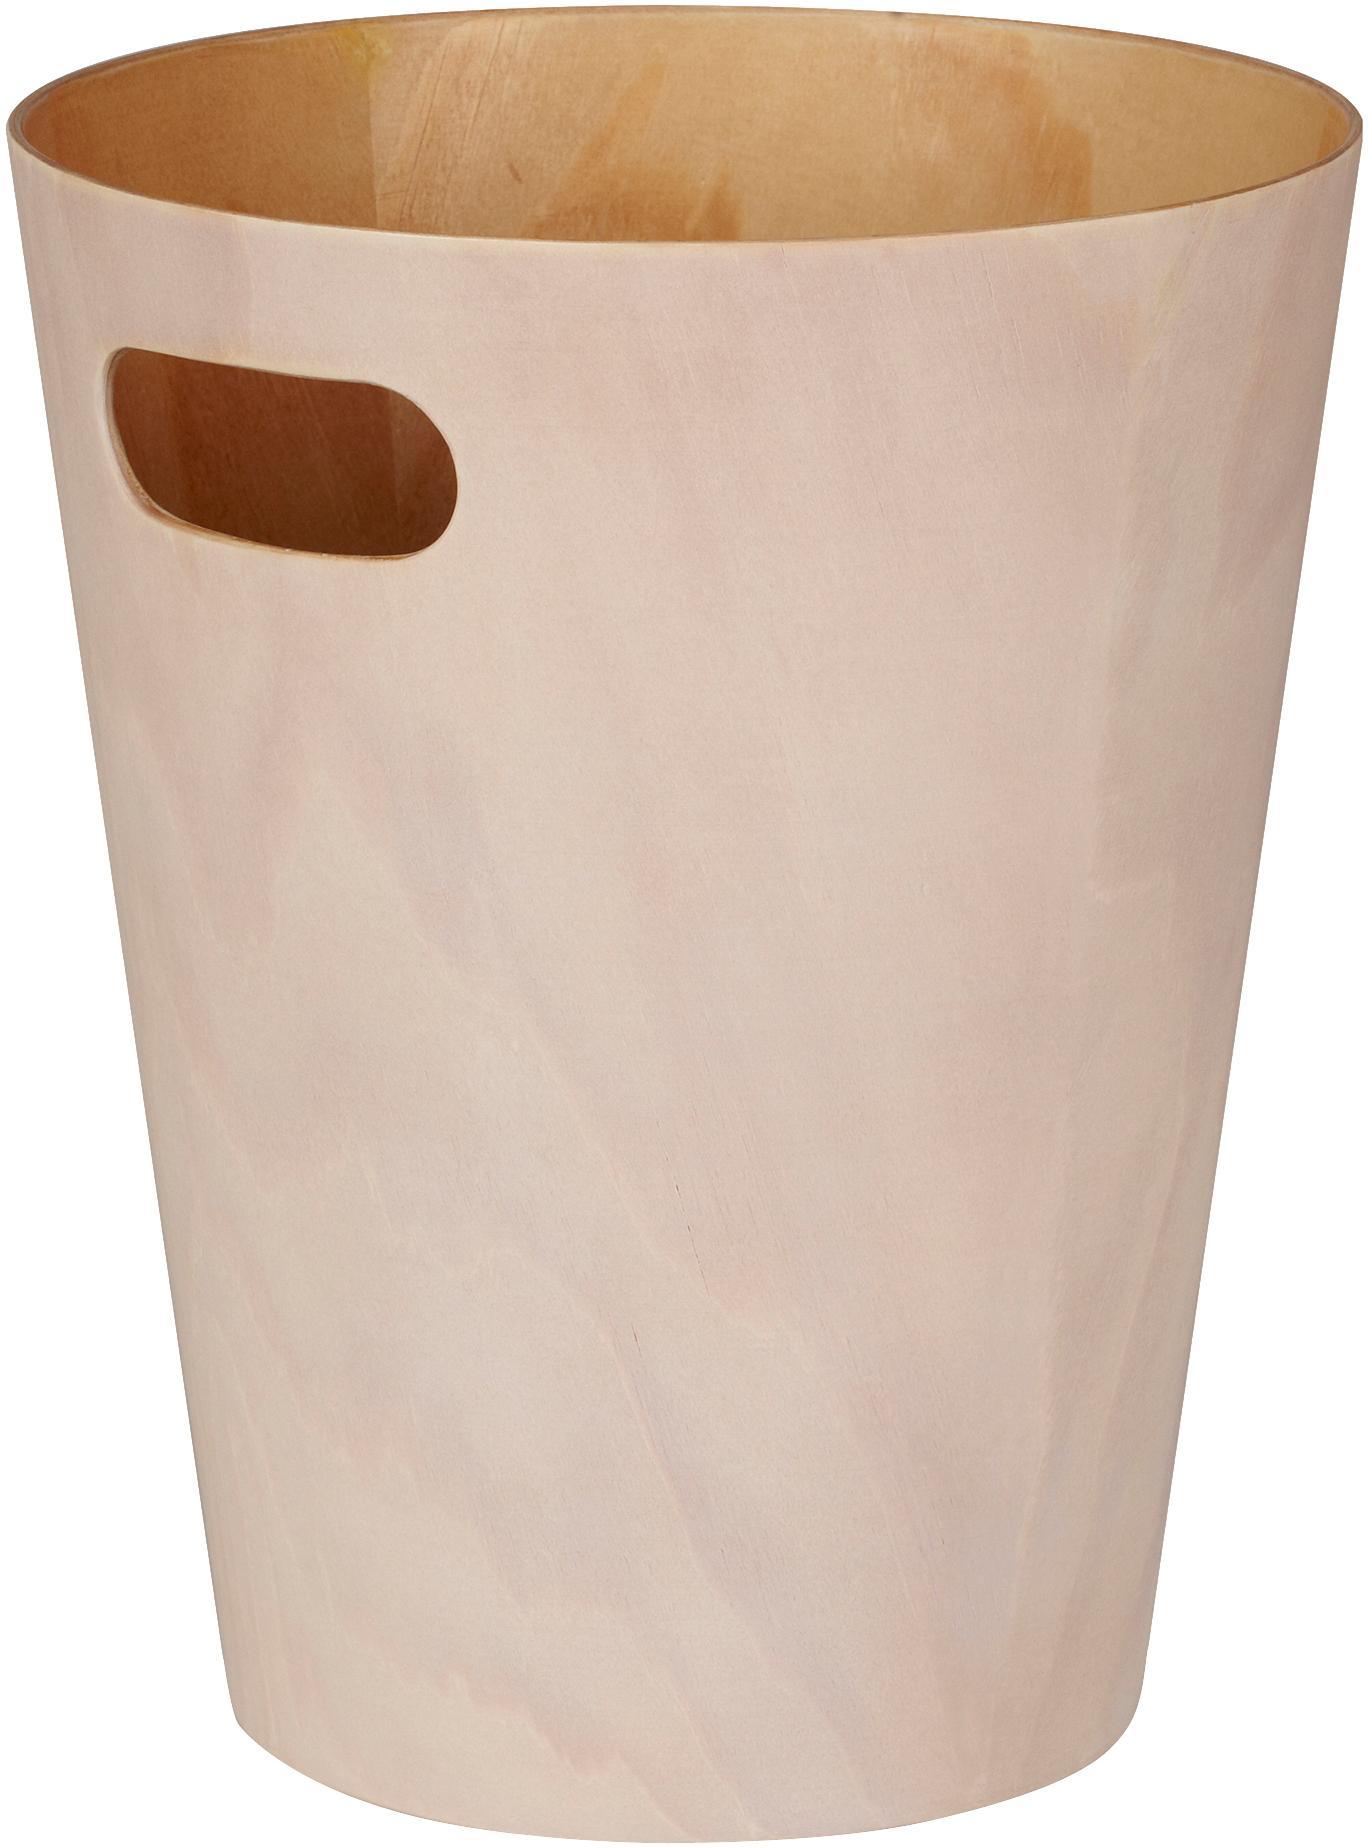 Cestino per la carta Woodrow Can, Legno verniciato, Crema, Ø 23 x Alt. 28 cm